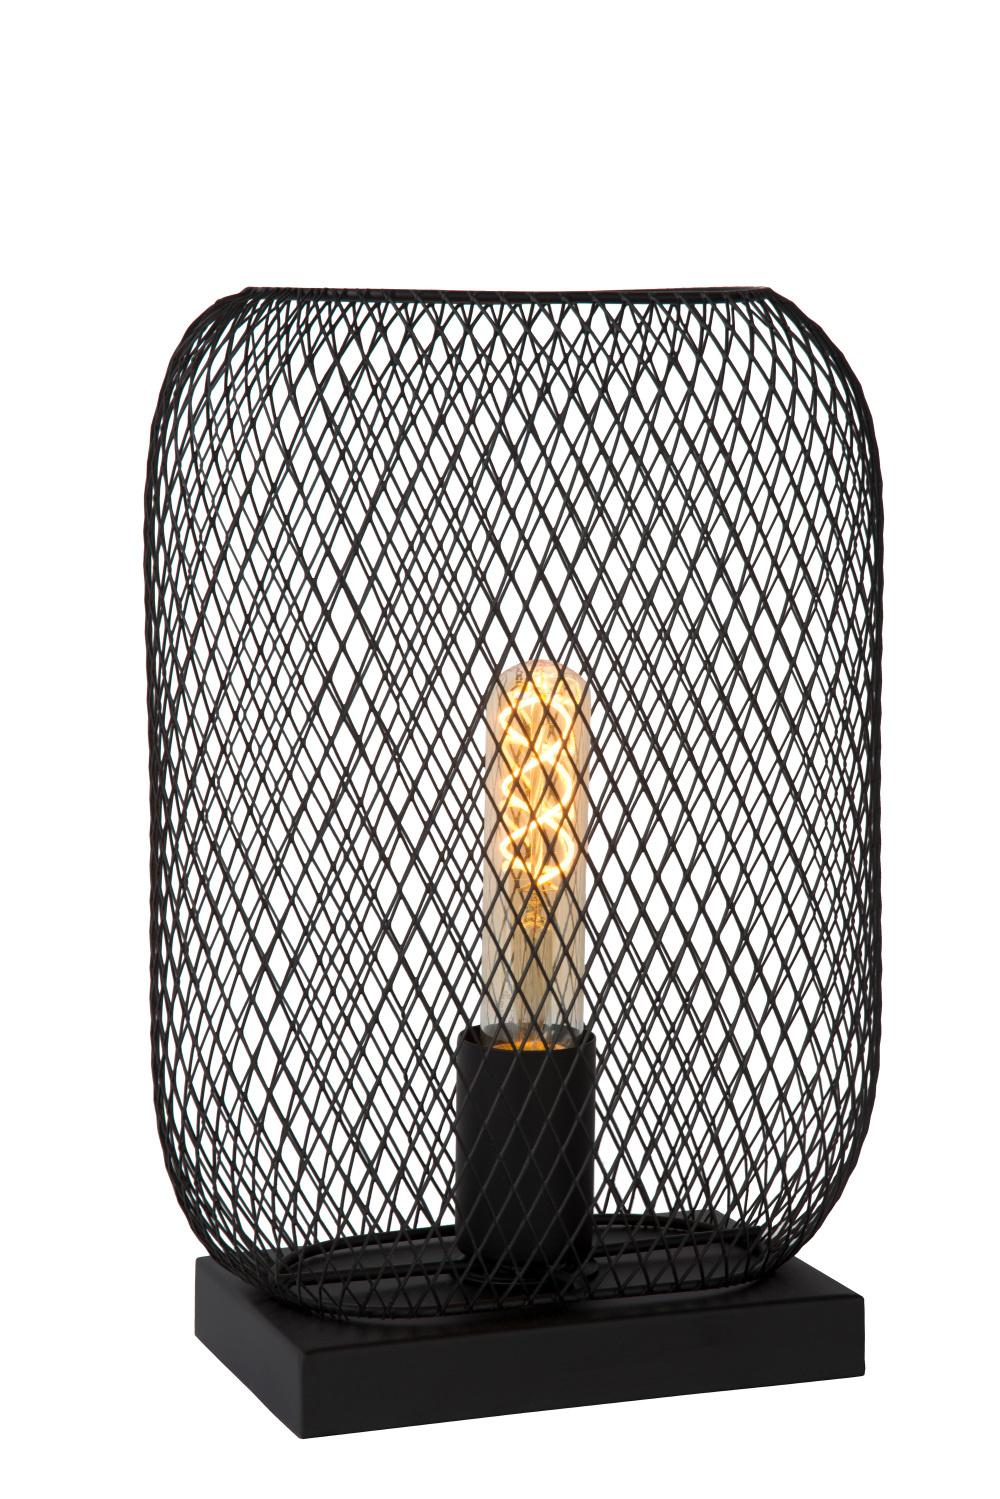 Lucide MESH Tafellamp-Zwart-1xE27-60W-Metaal